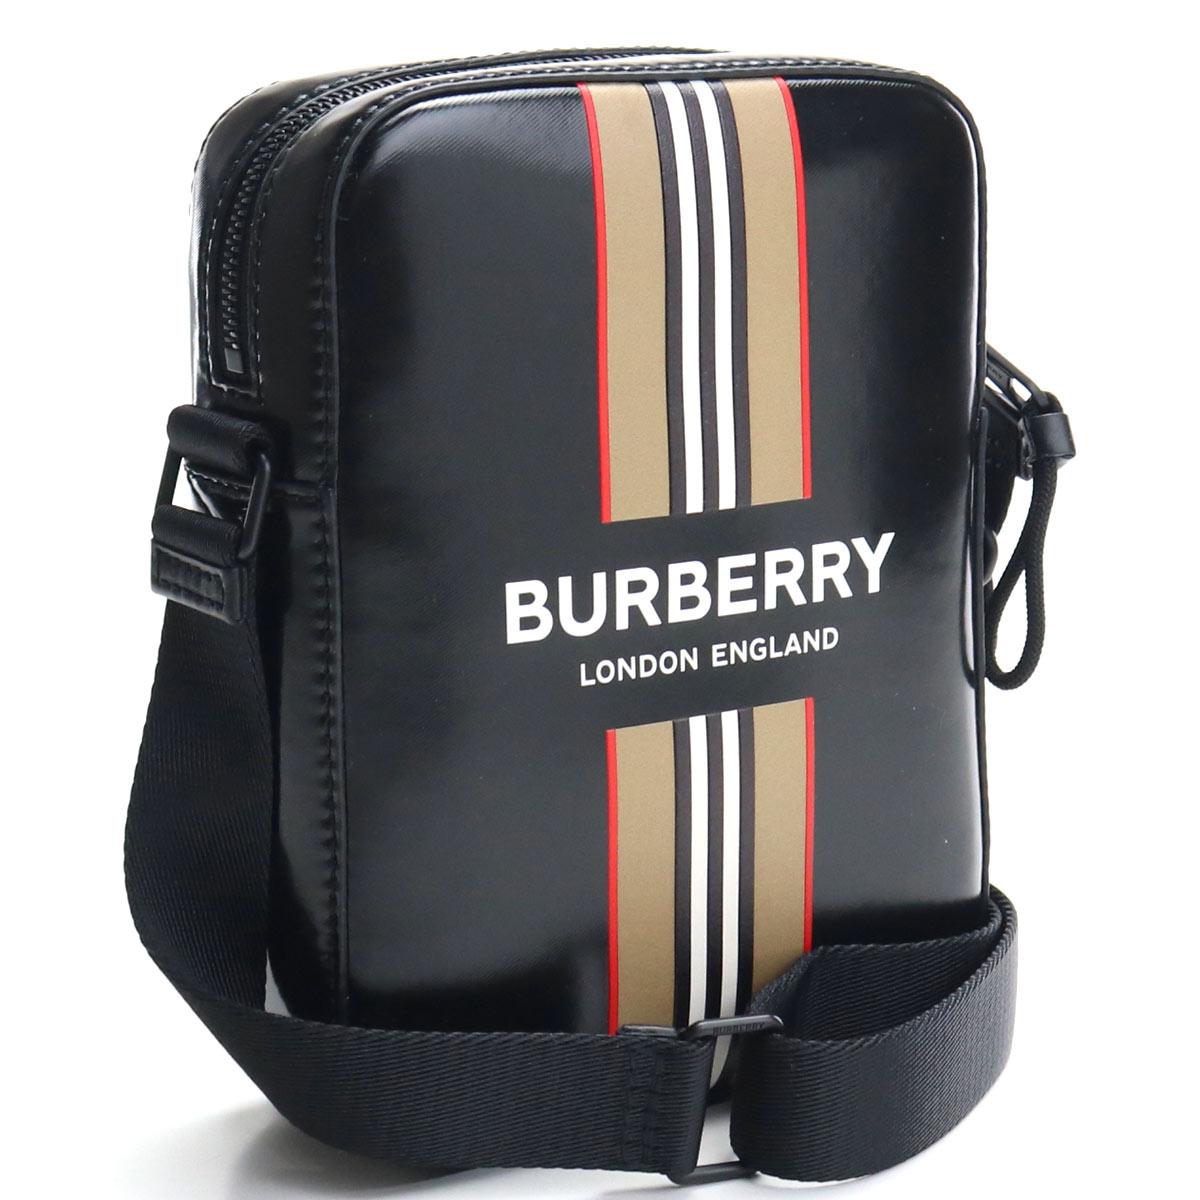 バーバリー BURBERRY 斜め掛け ショルダーバッグ 8030016 A1189 ブラック bos-03 bag01 メンズ